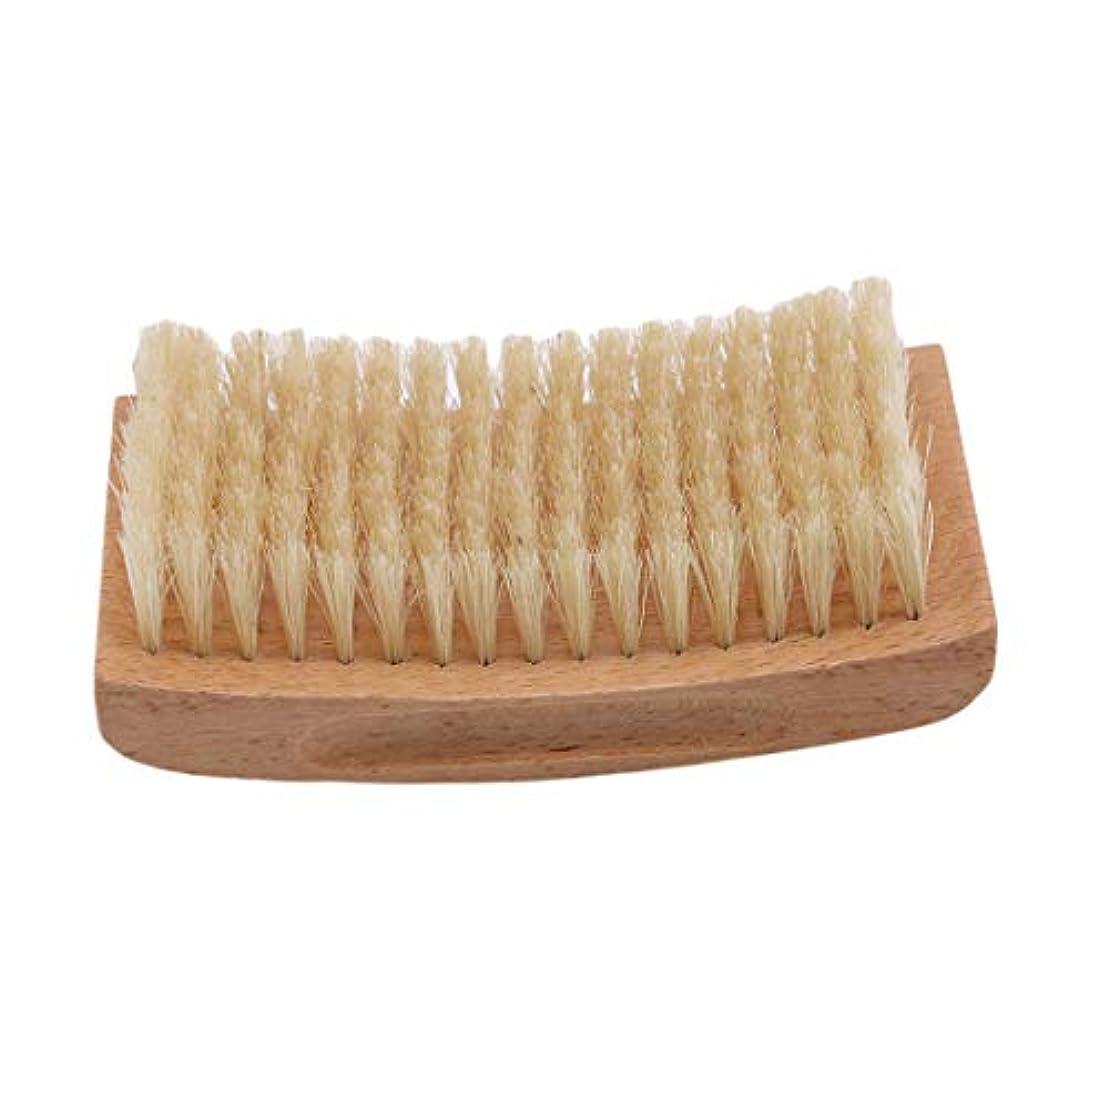 焼く奨学金抑圧するKLUMA ひげブラシ シェービングブラシ 理容 洗顔 髭剃り 泡立ち 洗顔ブラシ 2#